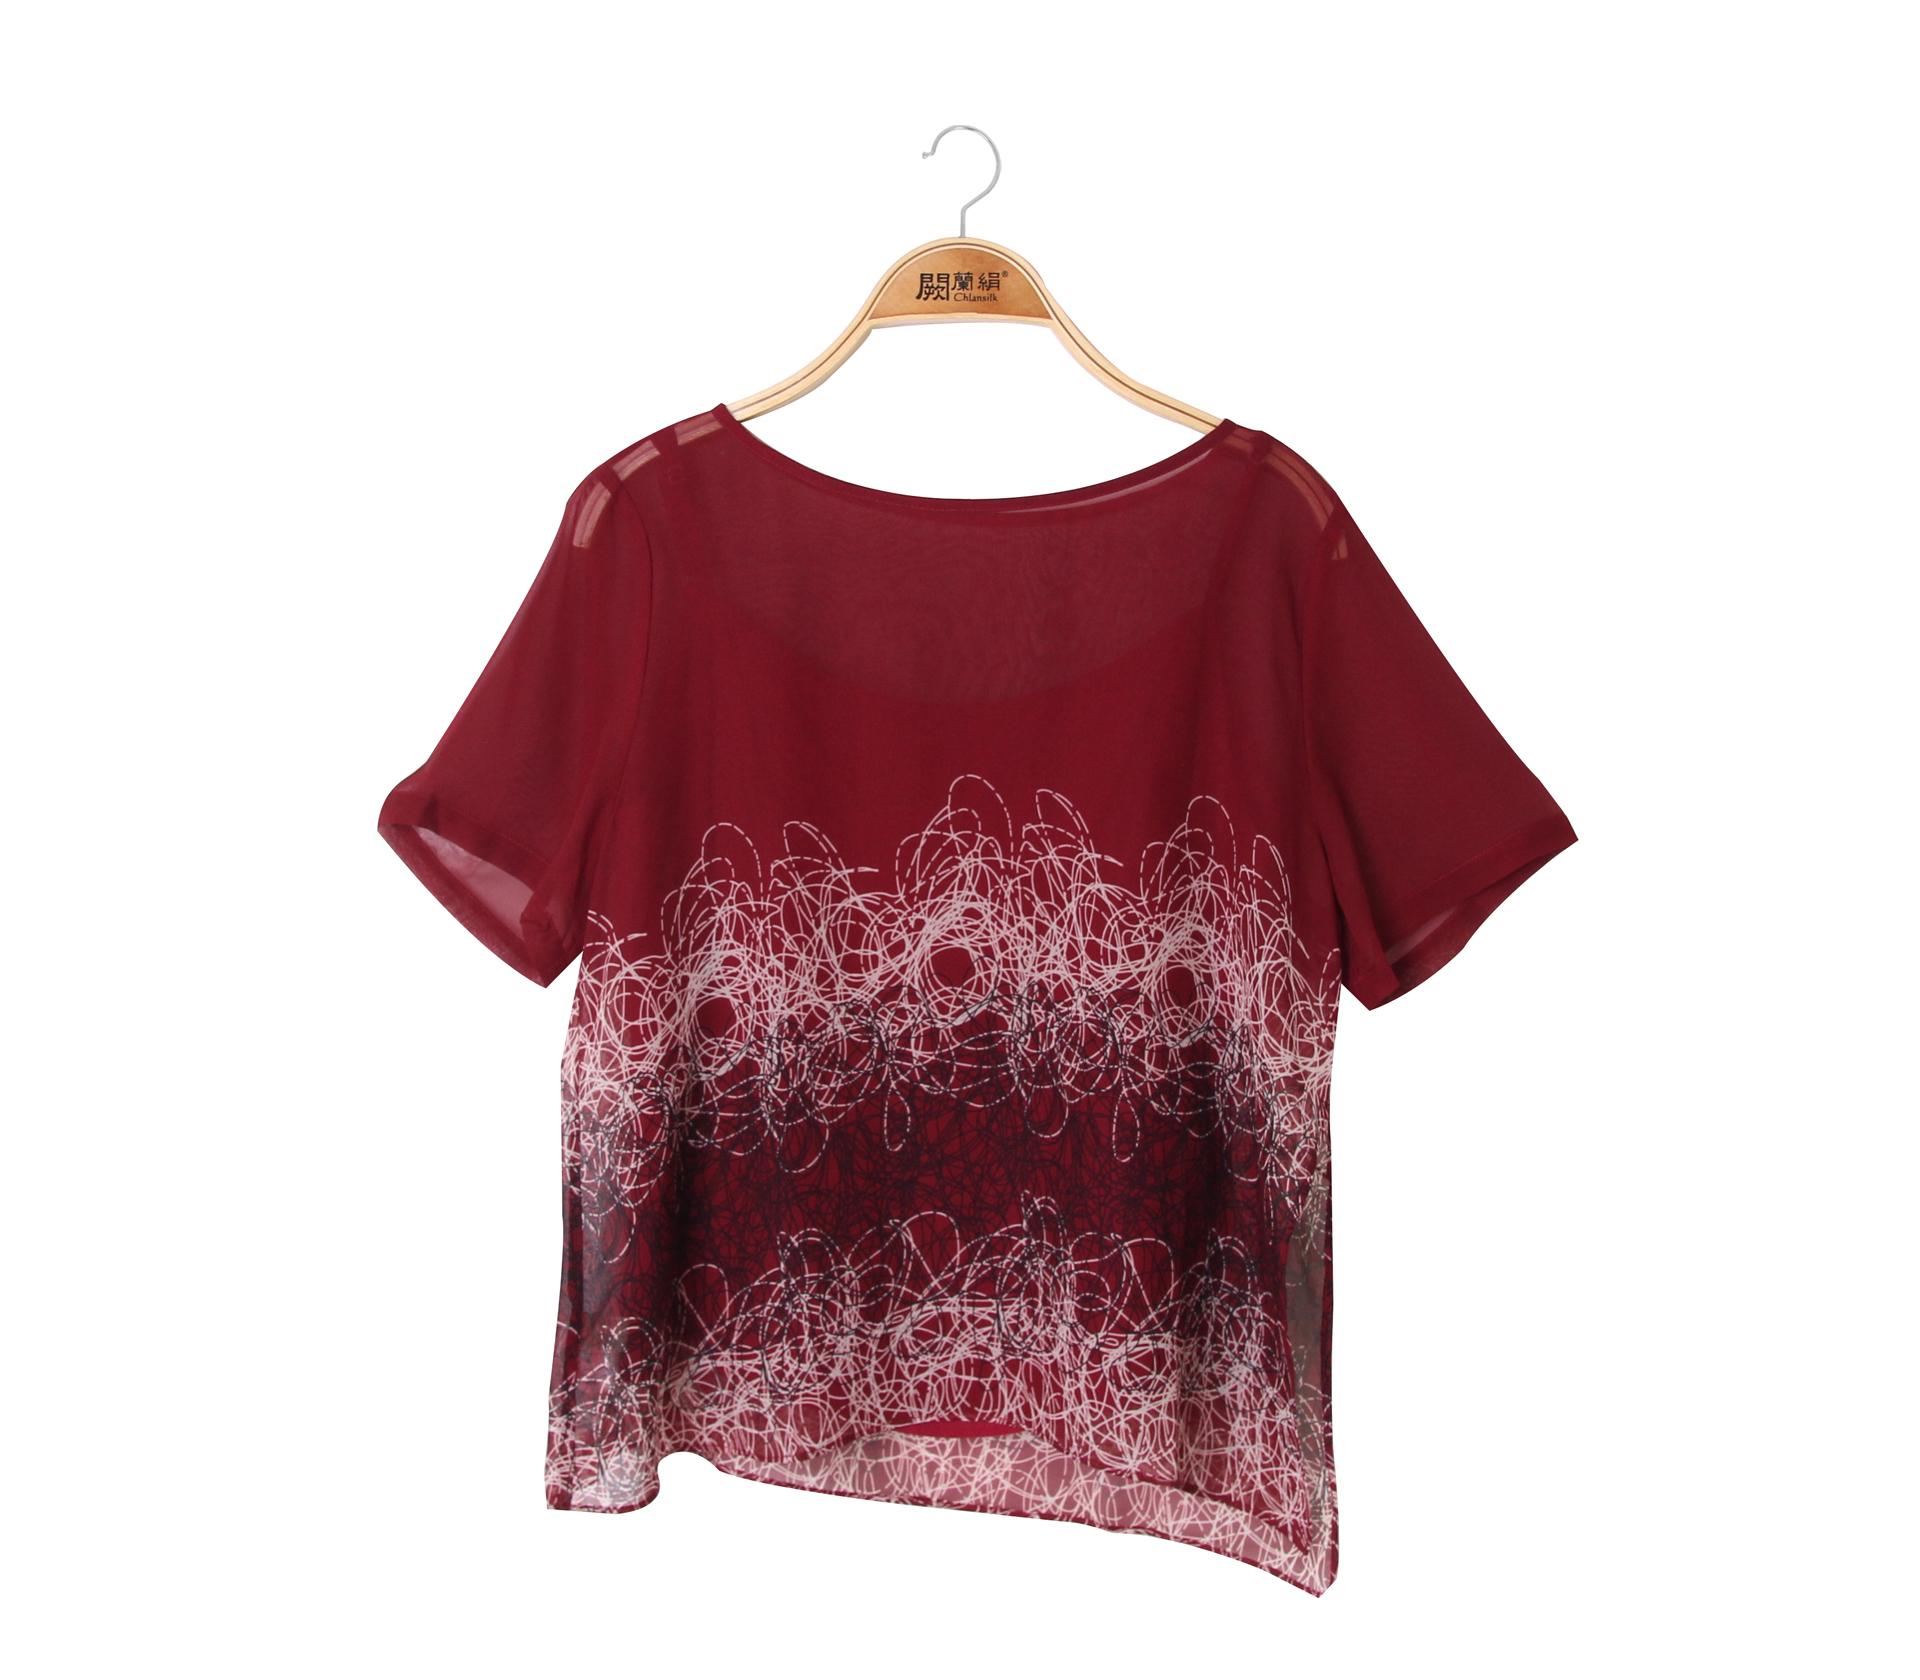 闕蘭絹兩件式線圈蠶絲雪紡上衣 - 紅色 - 6015